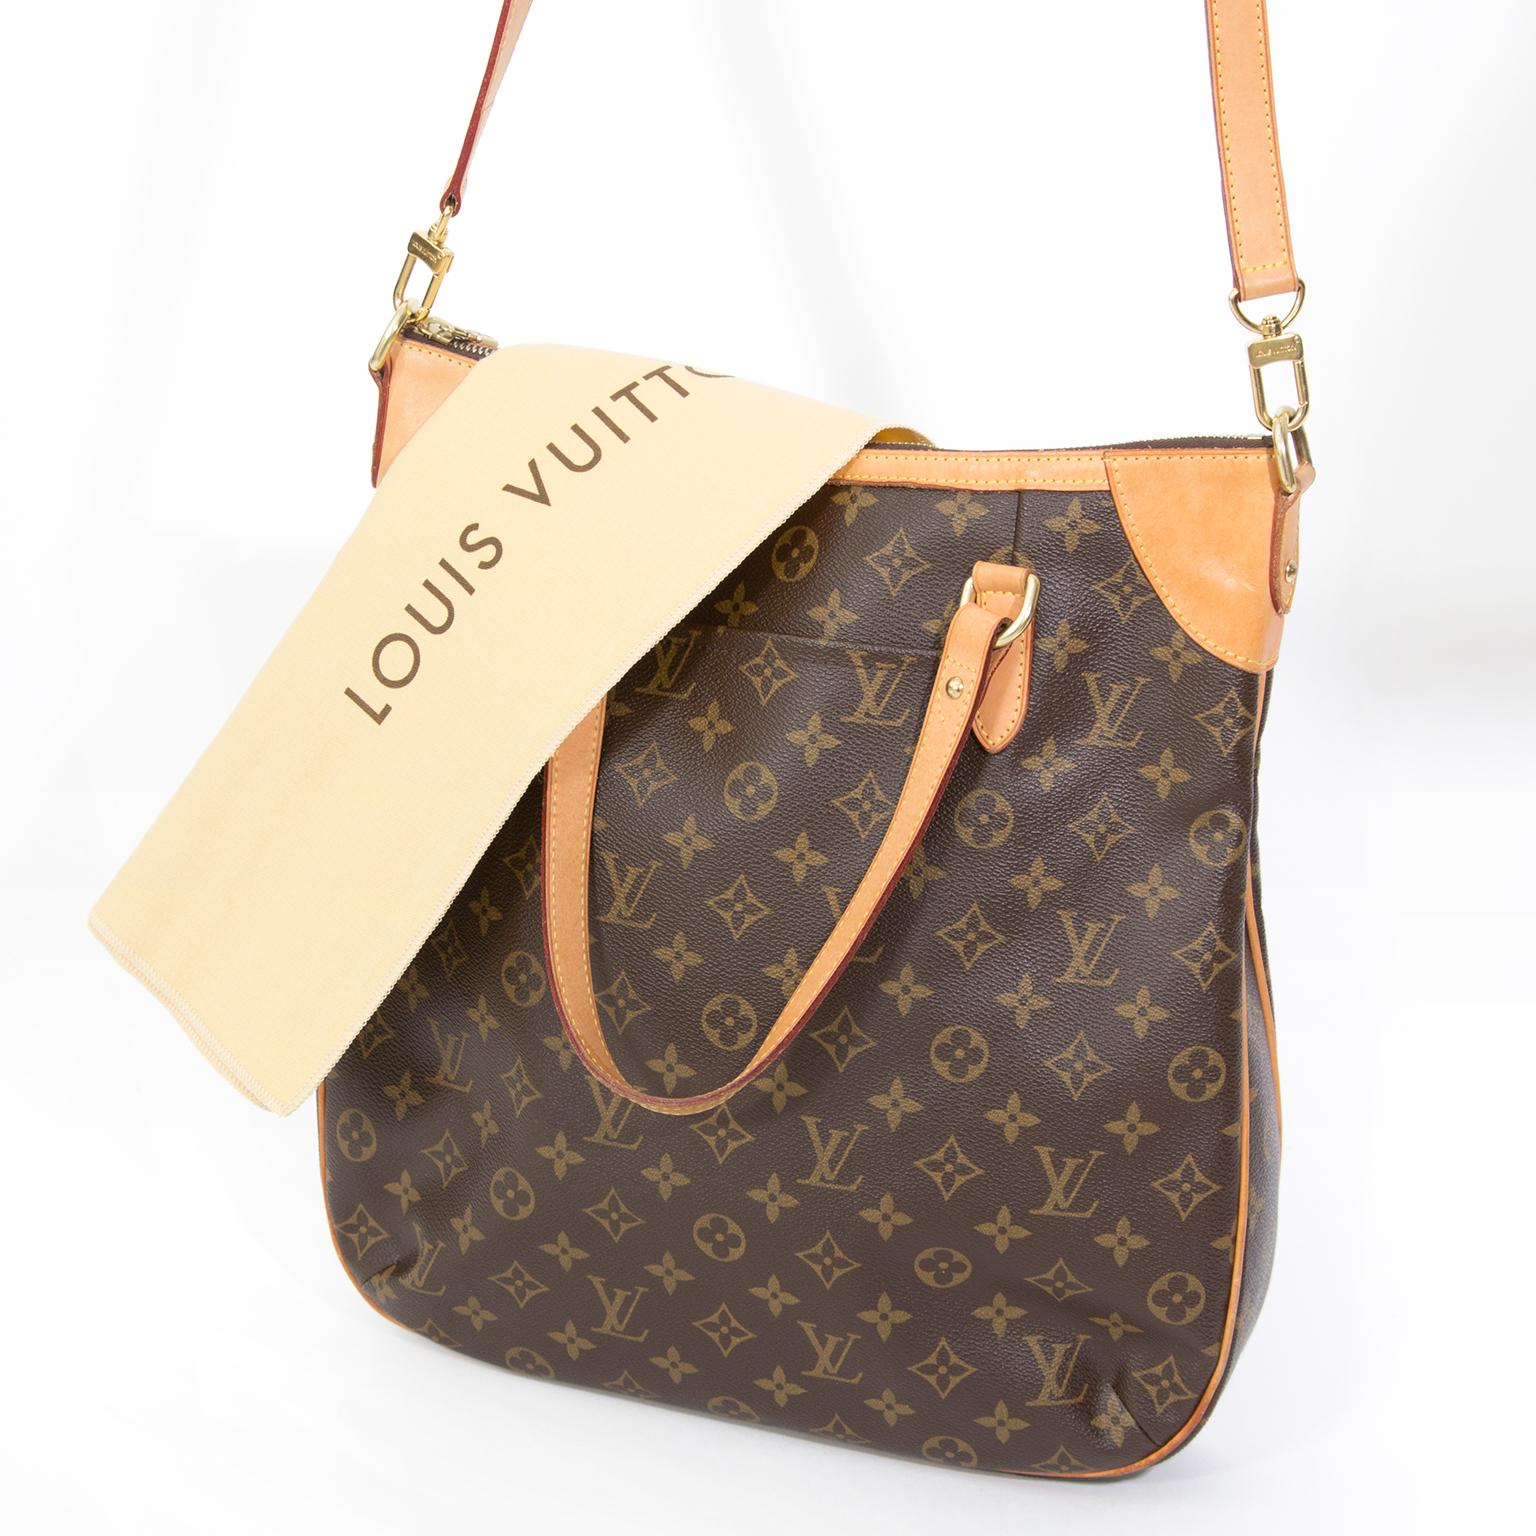 555653f2ba9c ... labellov acheter en ligne seconde main sac a main louis Vuitton pour le  meilleur prix site en